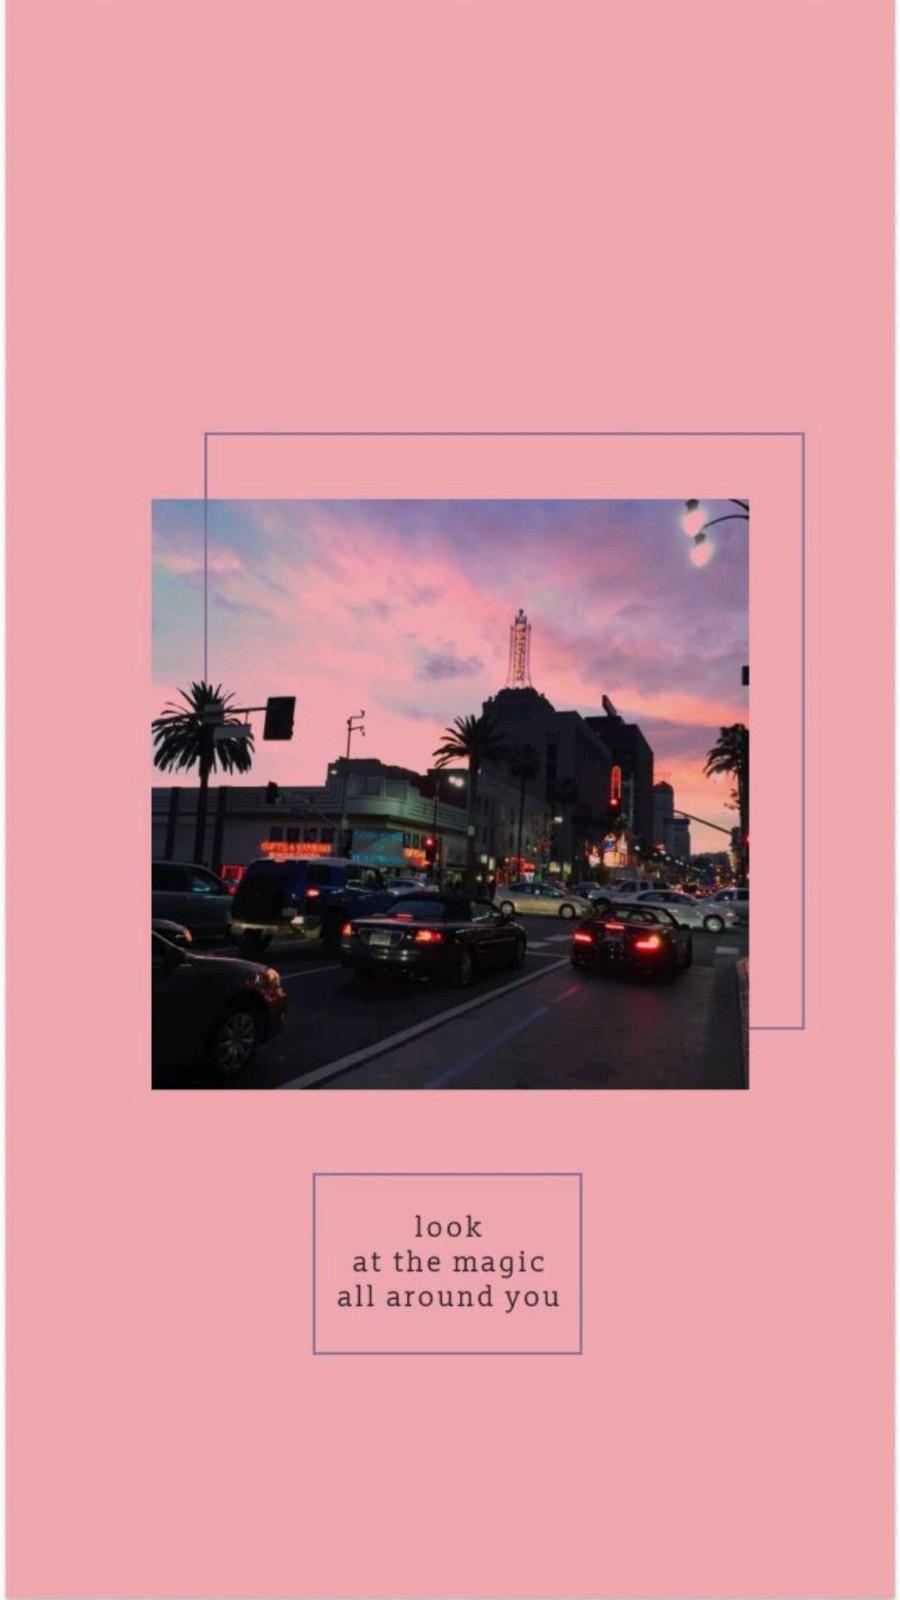 look around 💜🌸